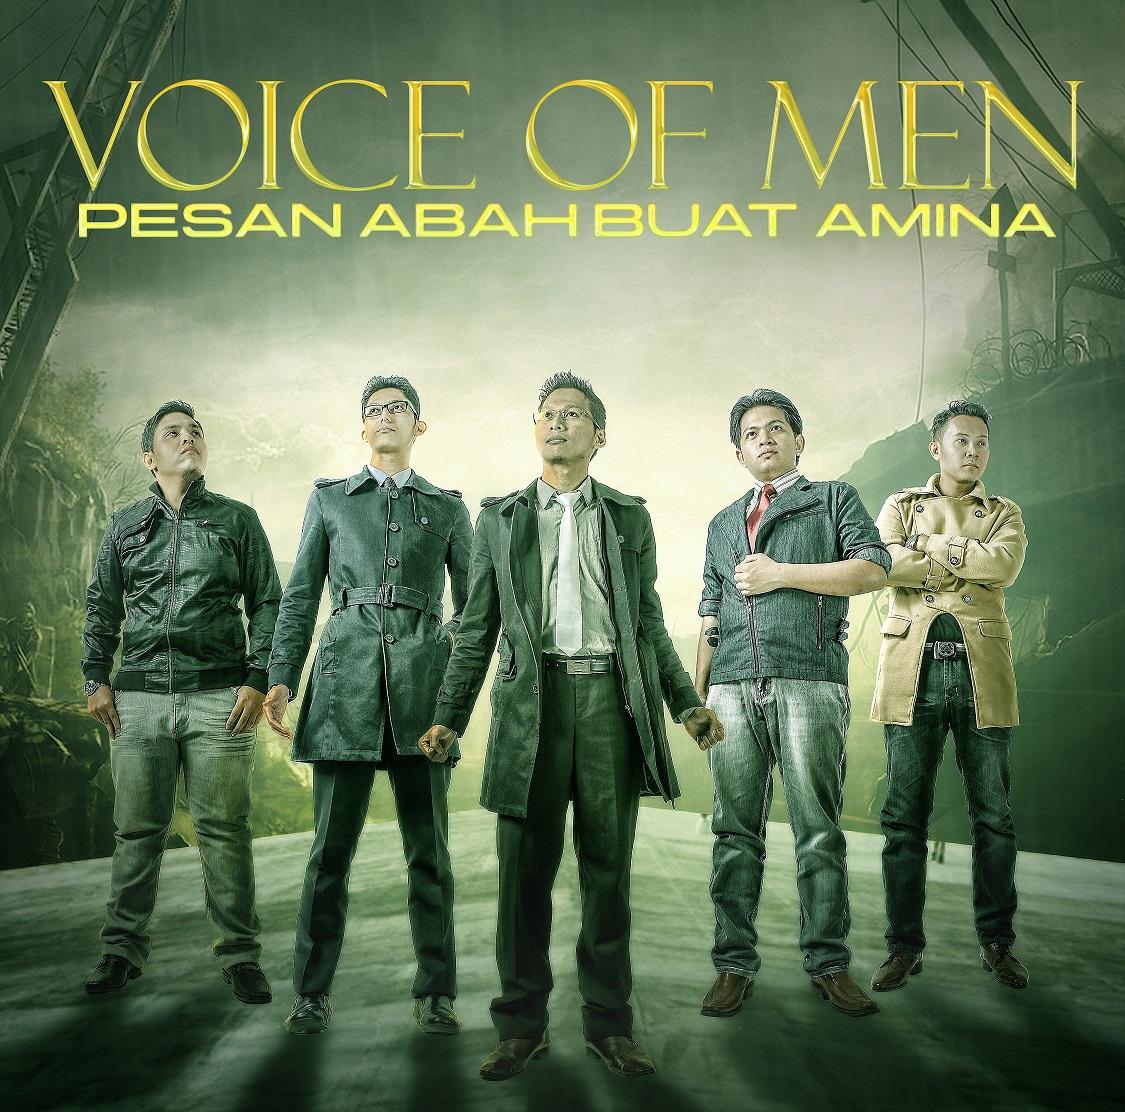 voice-of-men-pesan-abah-buat-amina